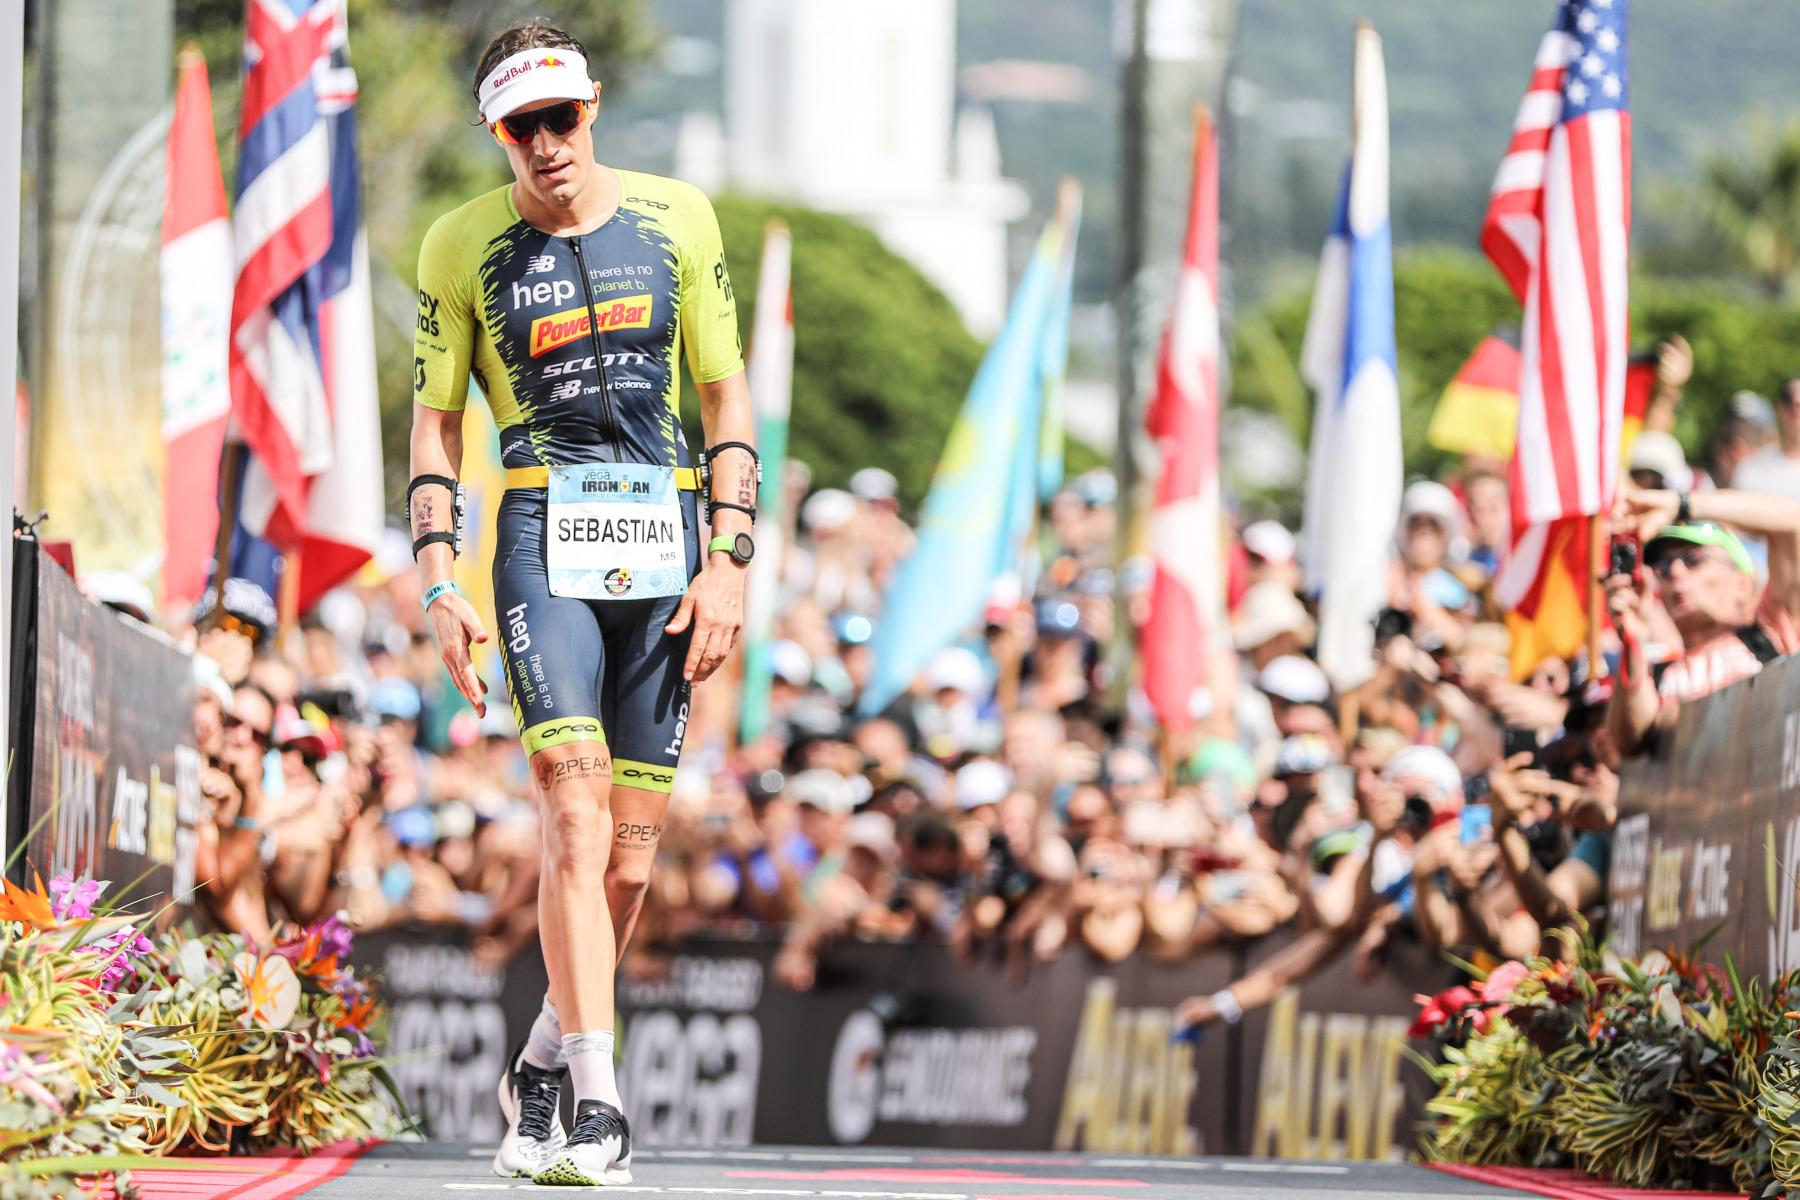 Als Dritter erreicht Sebastian Kienle die Ziellinie.